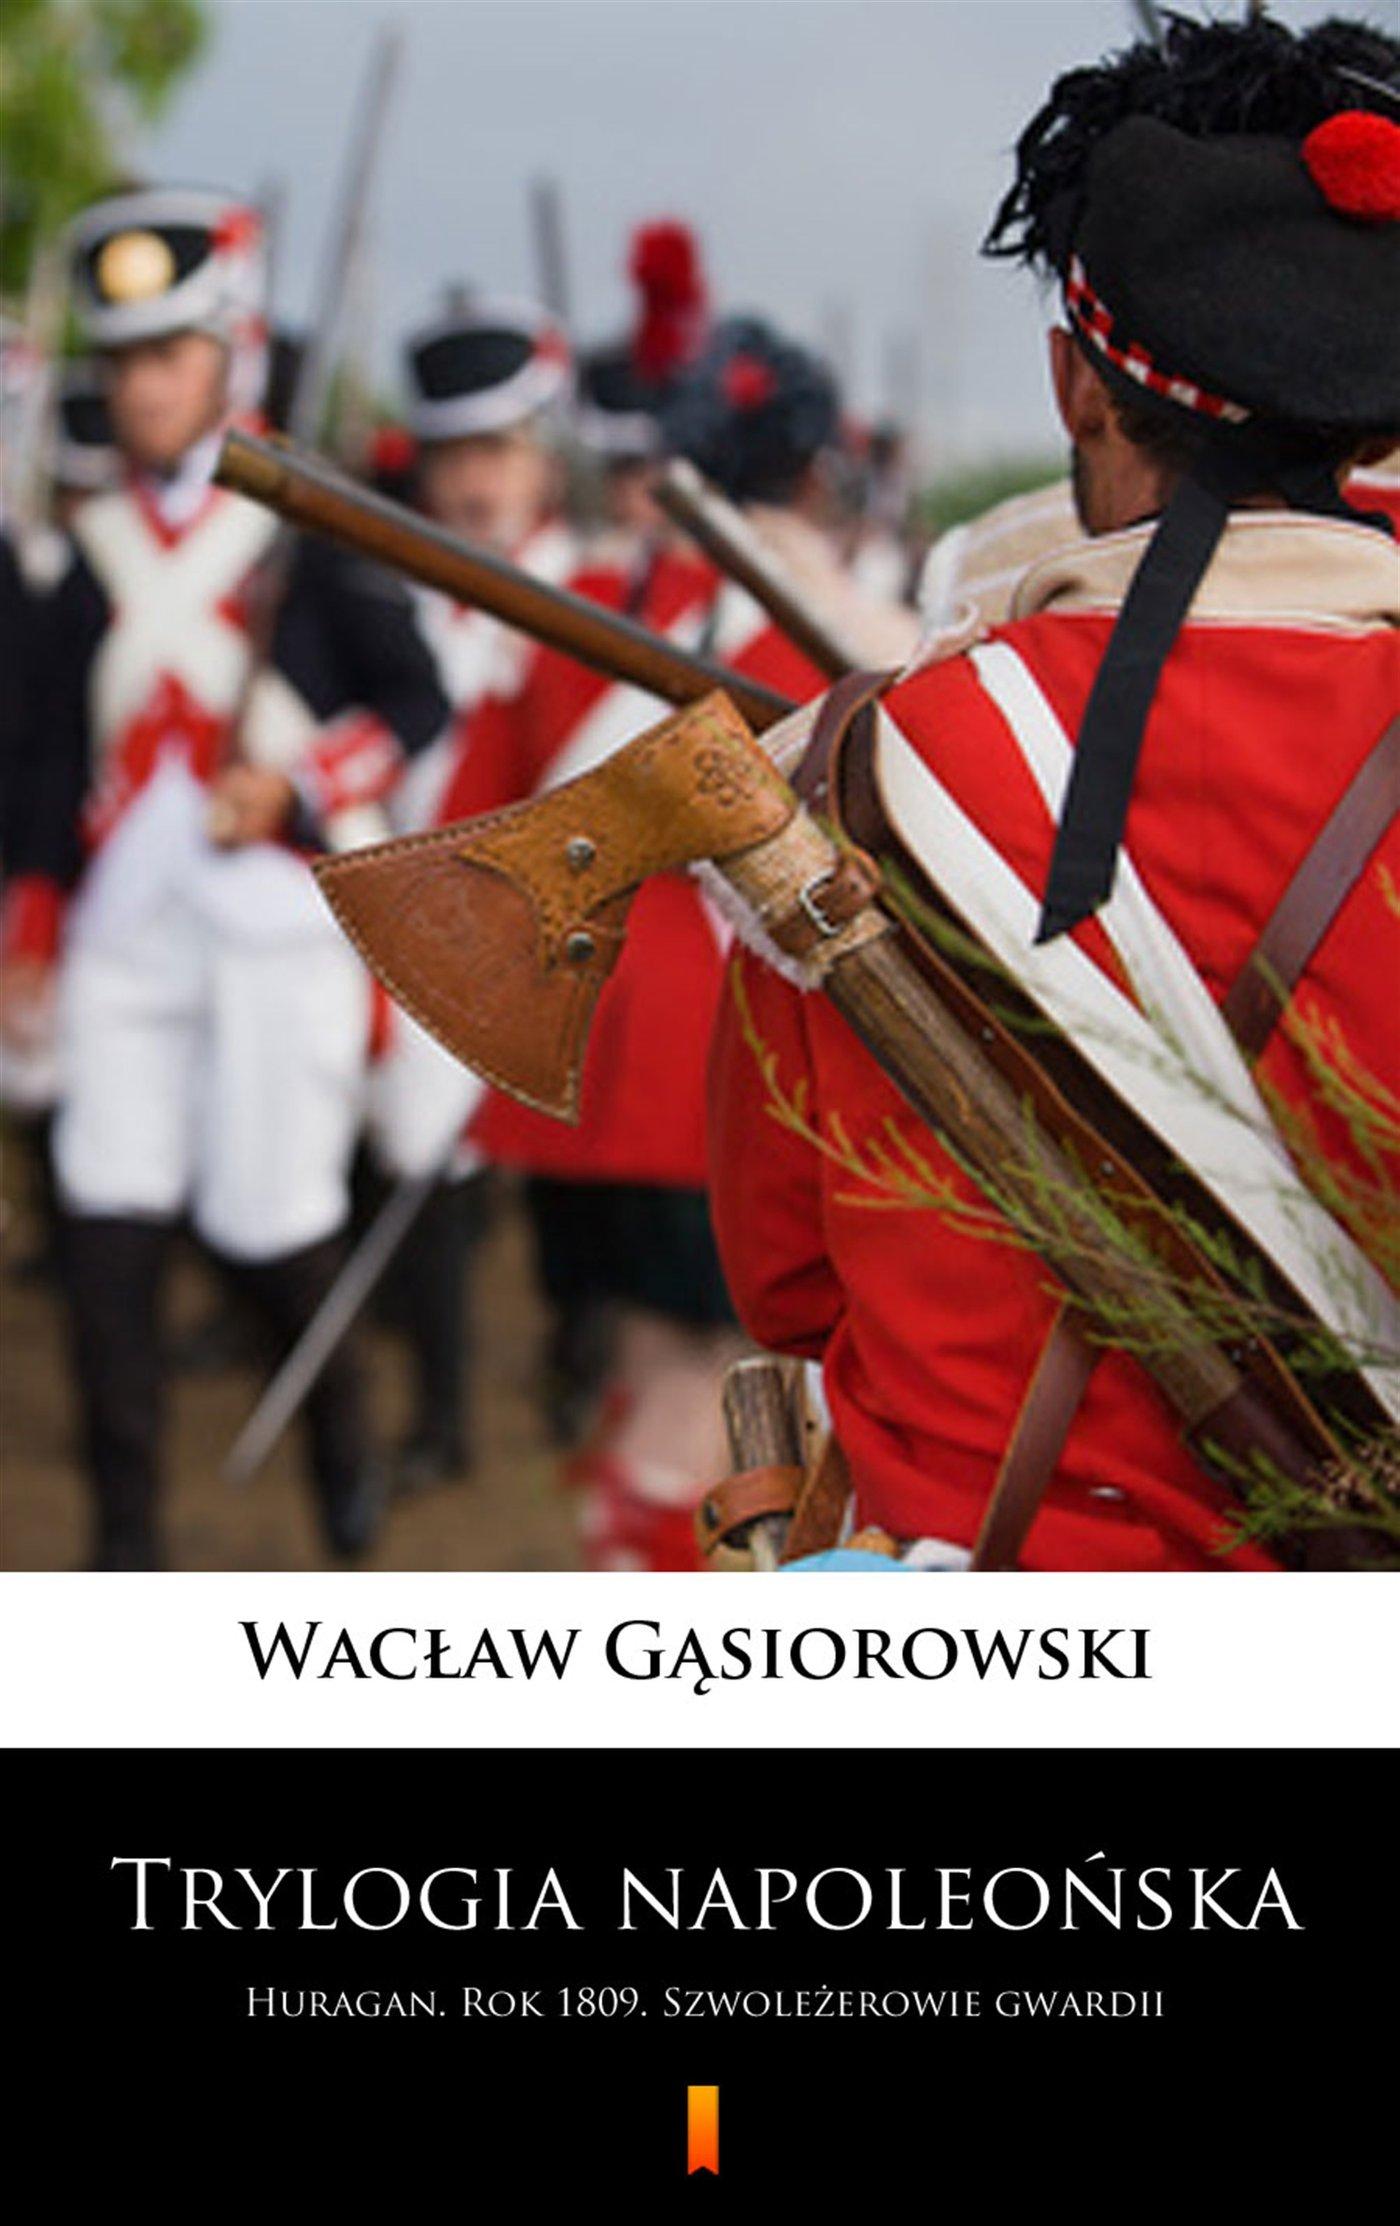 Trylogia napoleońska - Ebook (Książka EPUB) do pobrania w formacie EPUB